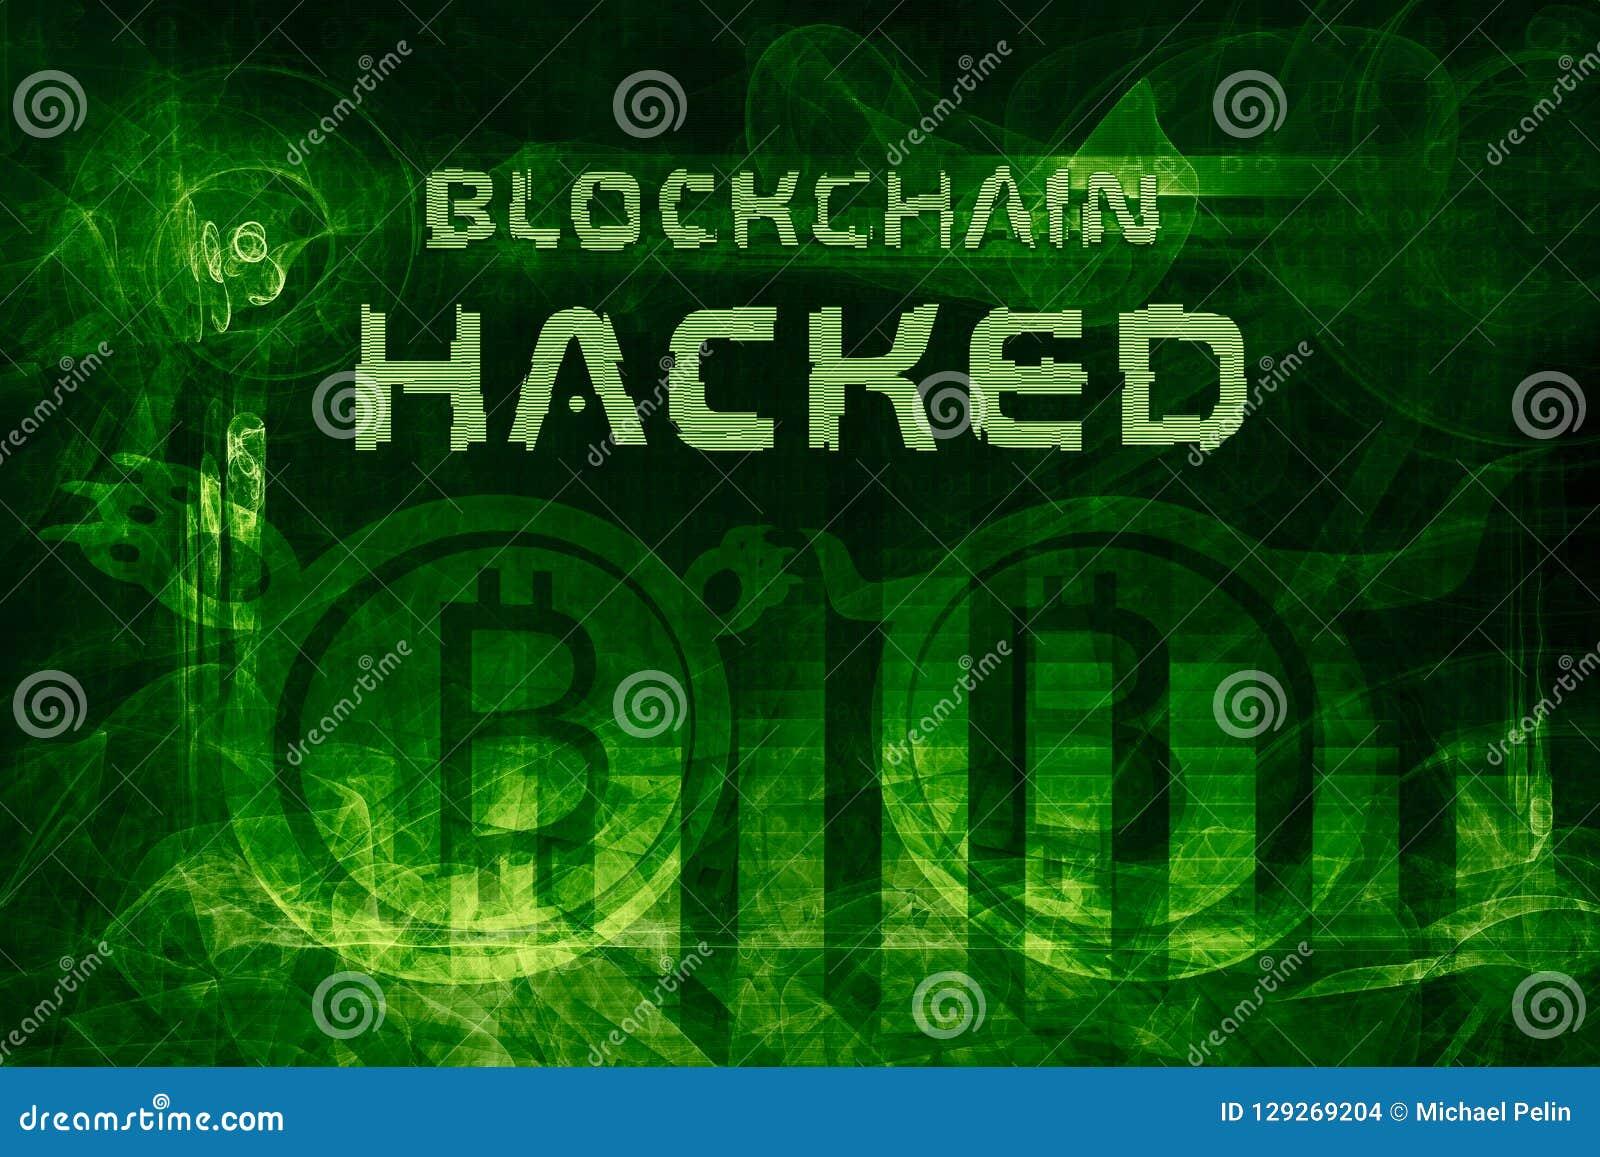 Blockchain hacked abstract 3d illustration